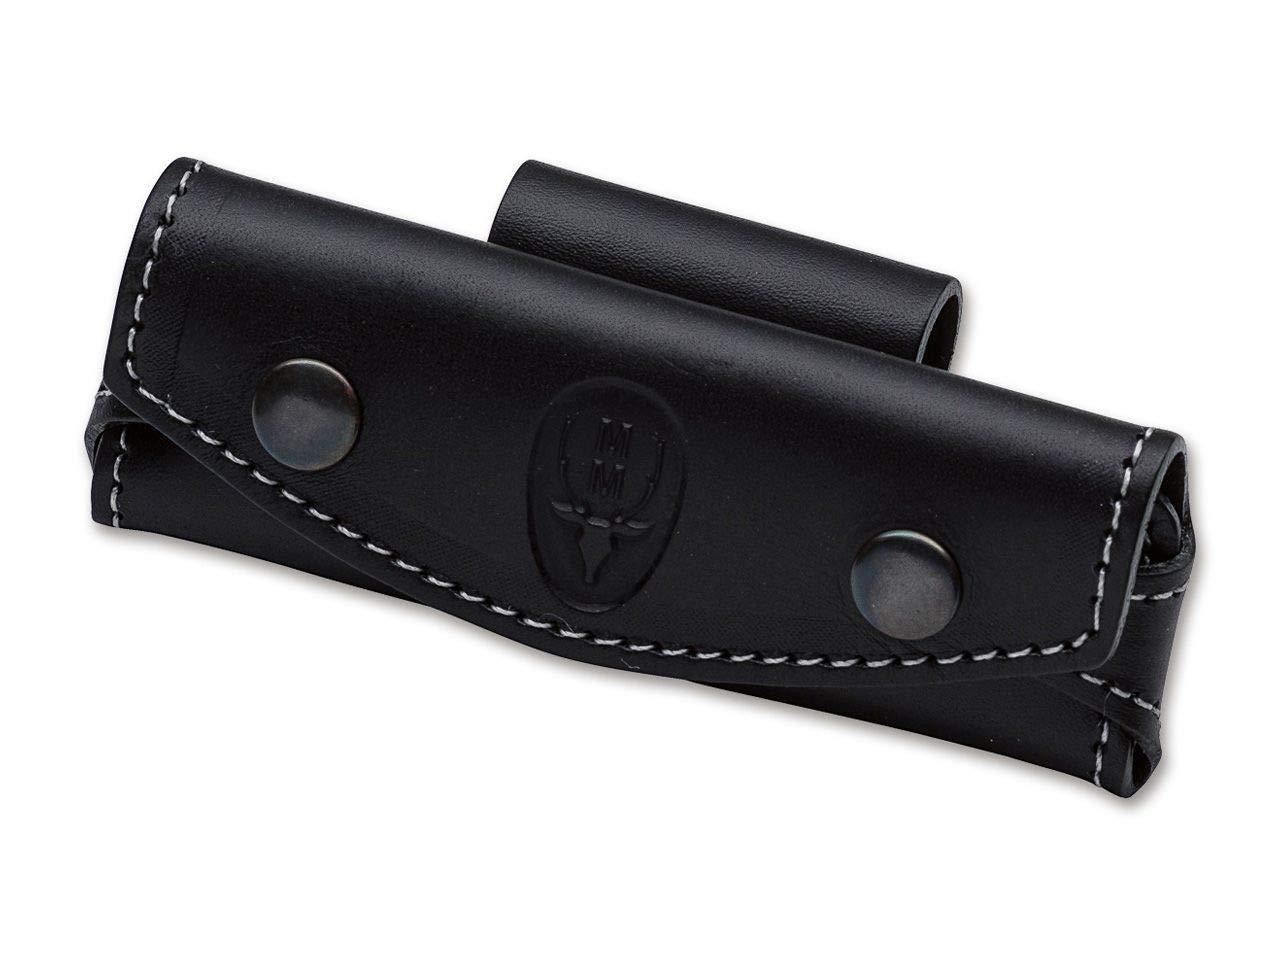 Custodia in Pelle per coltellino Tascabile Taglia Unica Colore: Nero Muela